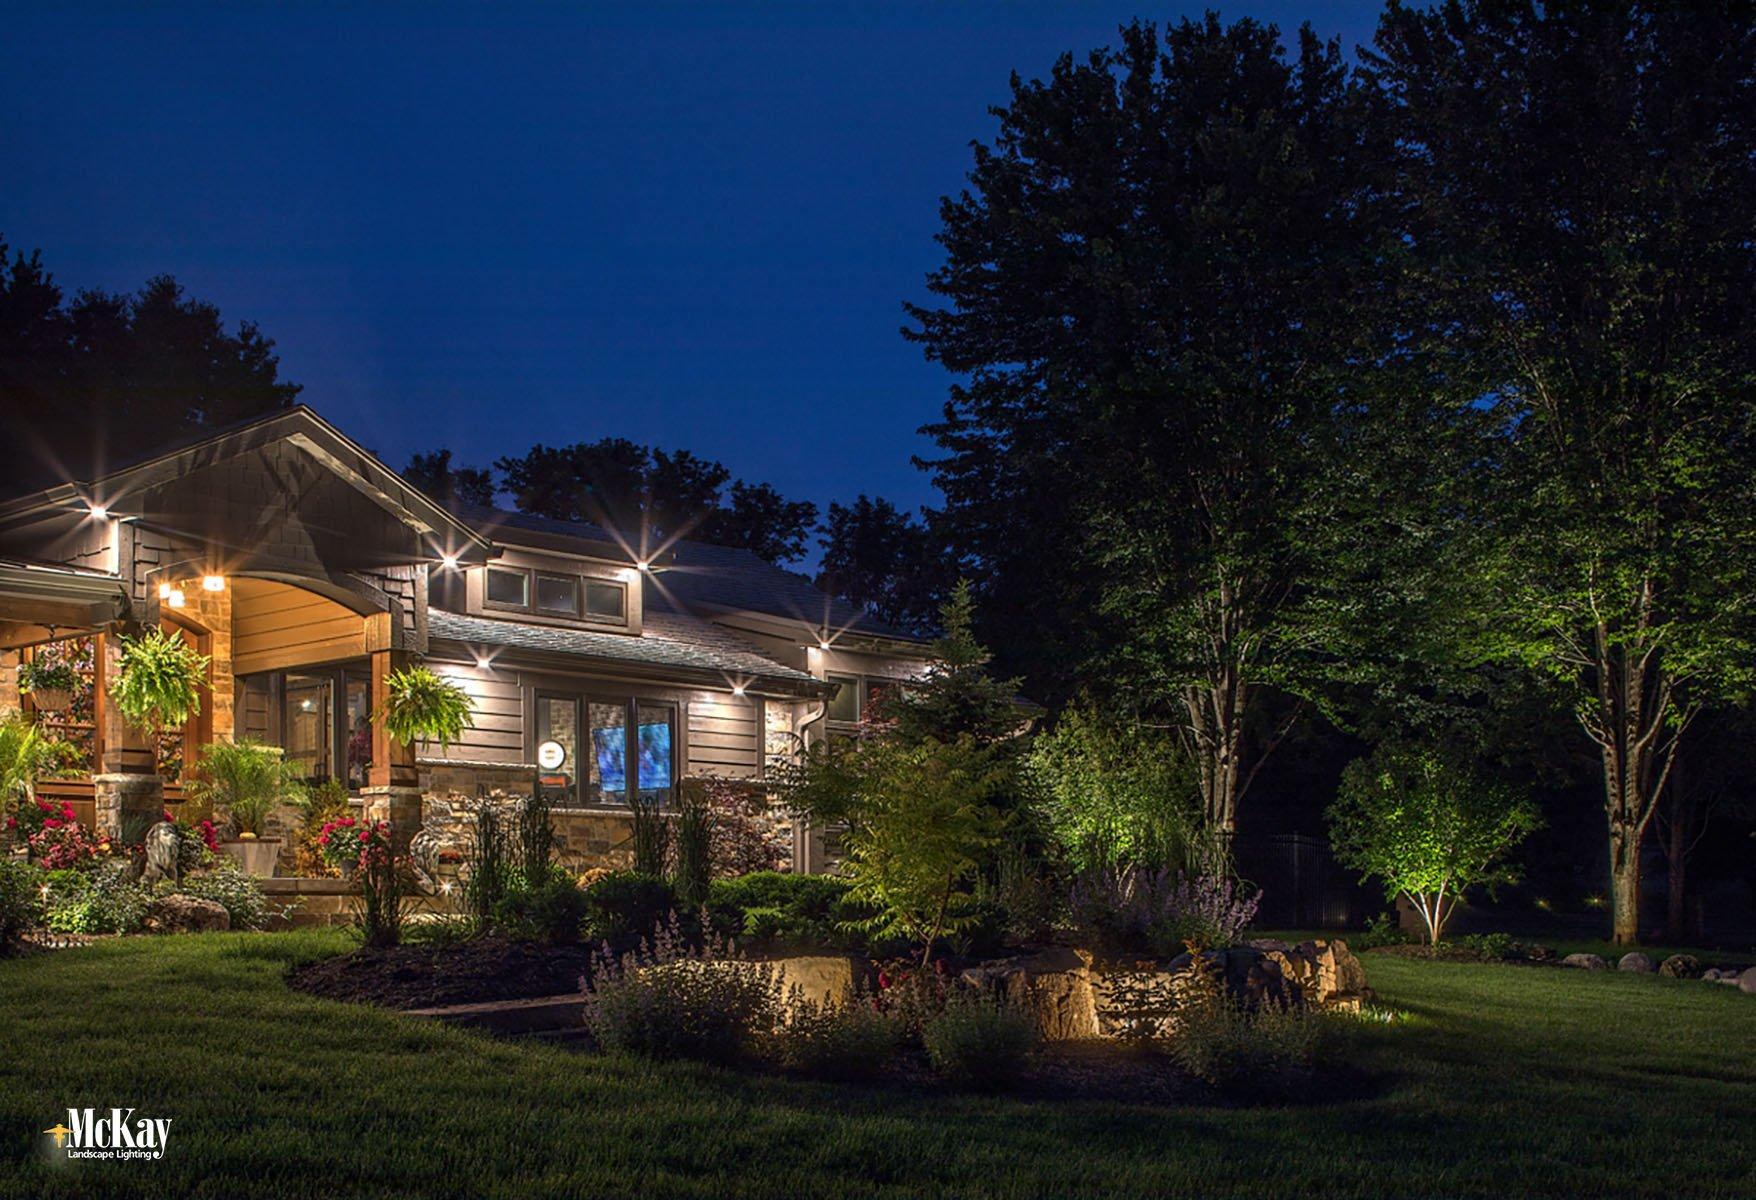 Residential Landscape Lighting Omaha Nebraska McKay Lighting